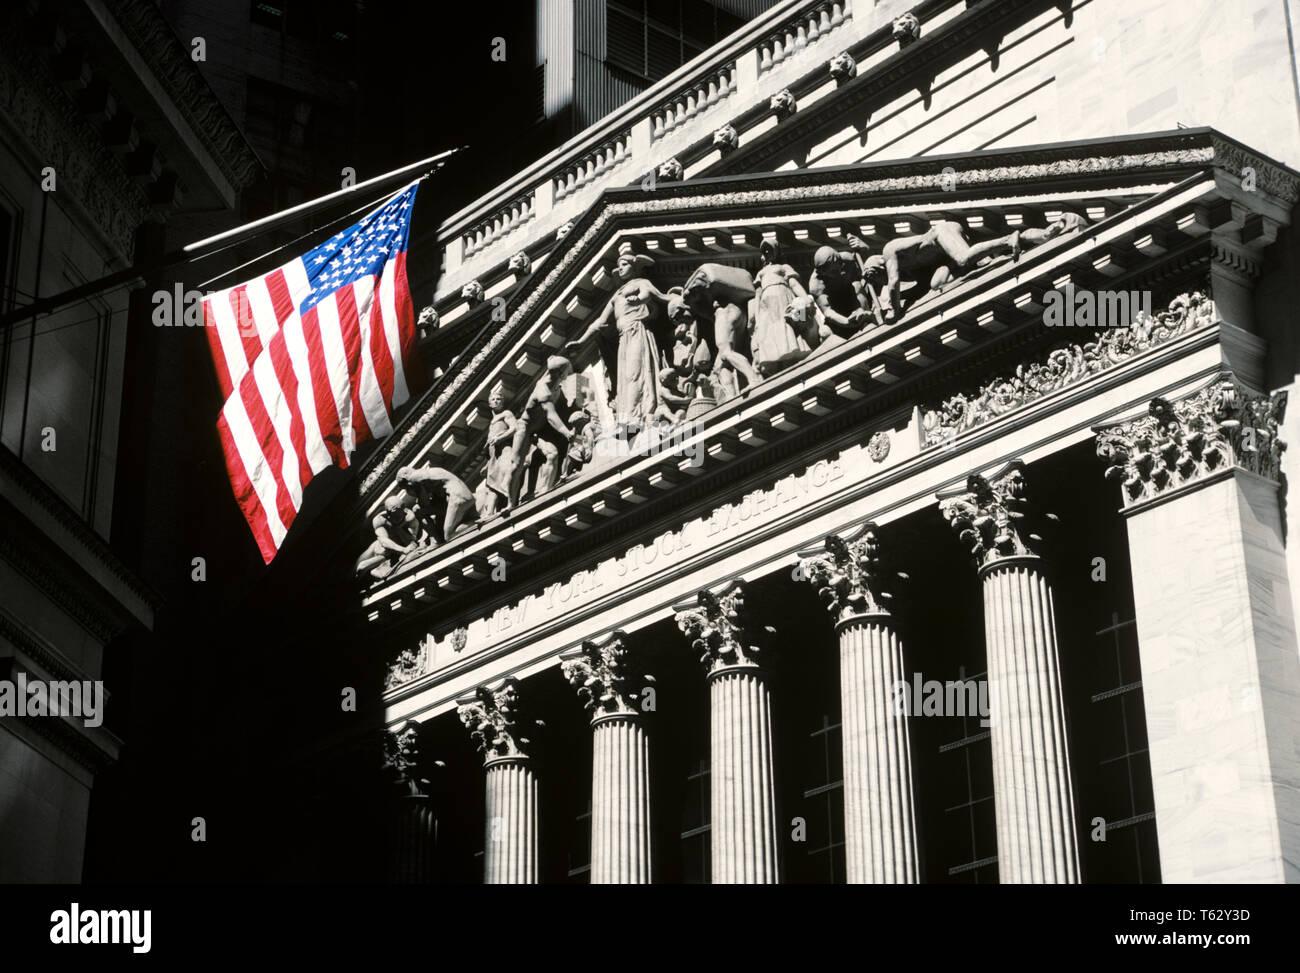 NEW YORK STOCK EXCHANGE BUILDING DOWNTOWN NEW YORK NY USA - KR65455 KRU001 HARS LES ÉCHANGES ROUGE BLANC ET BLEU ÉTOILE ET BANDES LES BOURSES CENTRES WALL STREET STOCK EXCHANGE CENTRES URBAINS Photo Stock